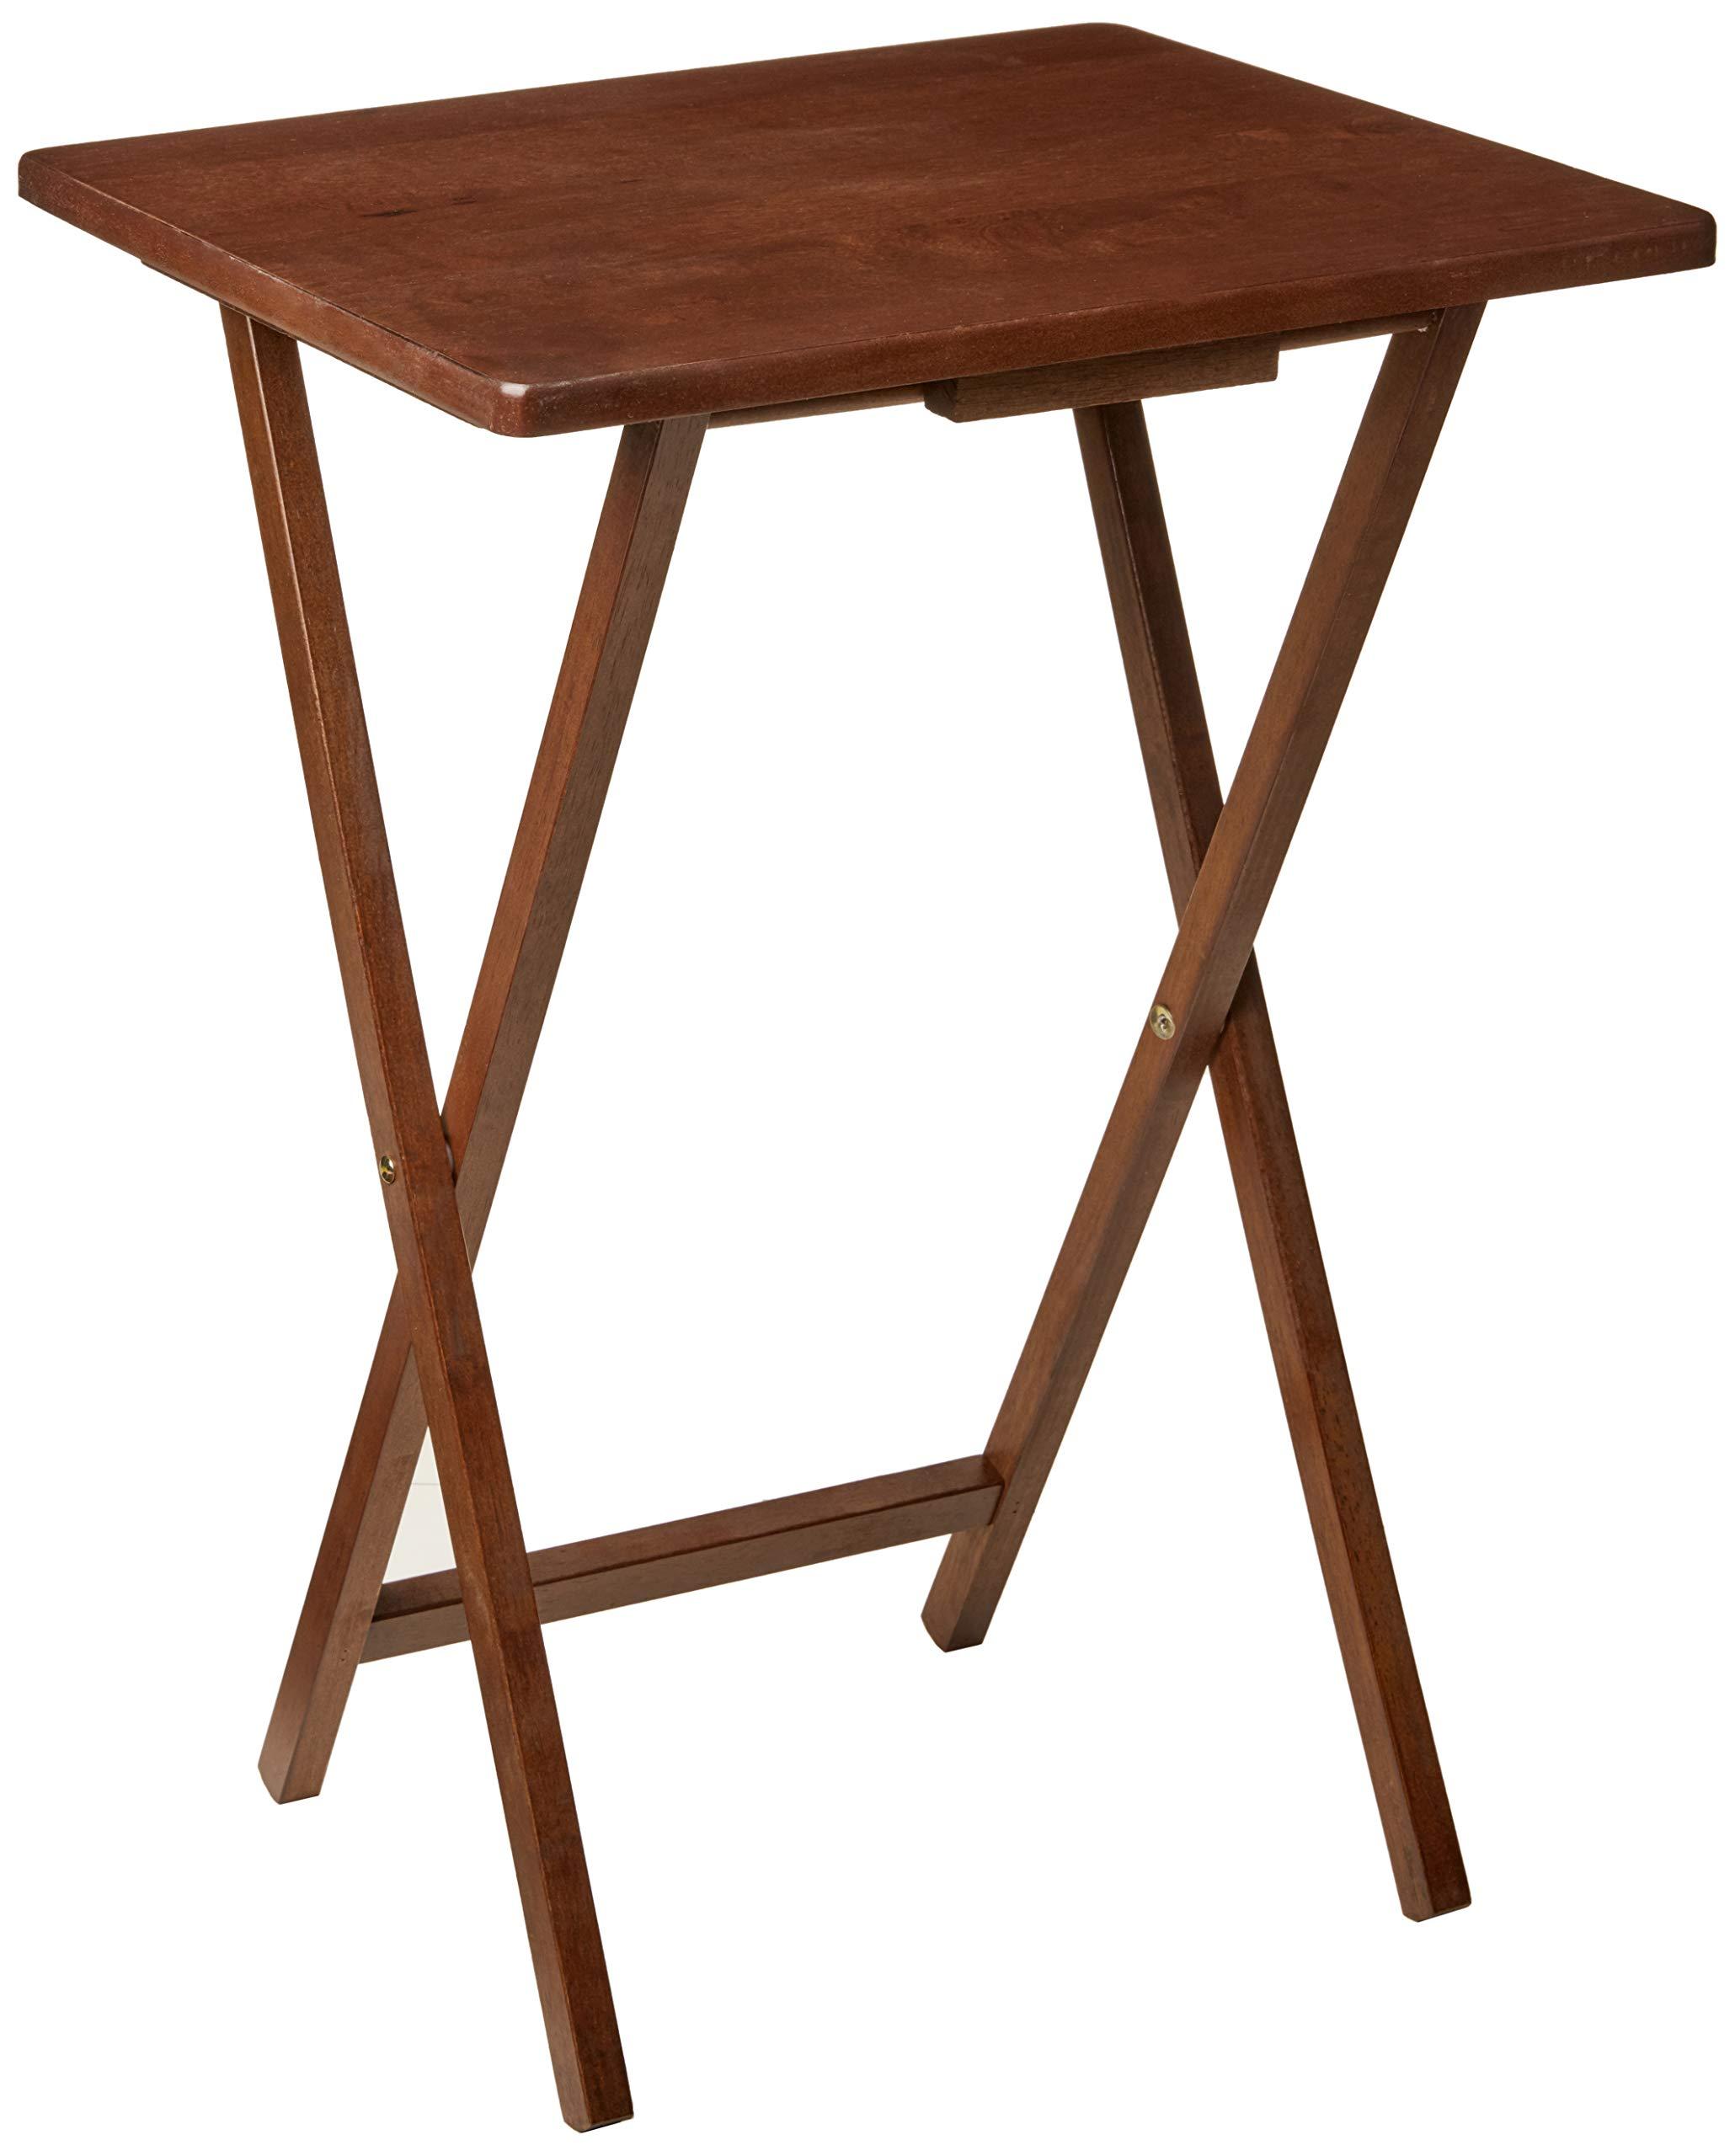 PJ WOOD TV Tray Table in Dark Mango by PJ Wood